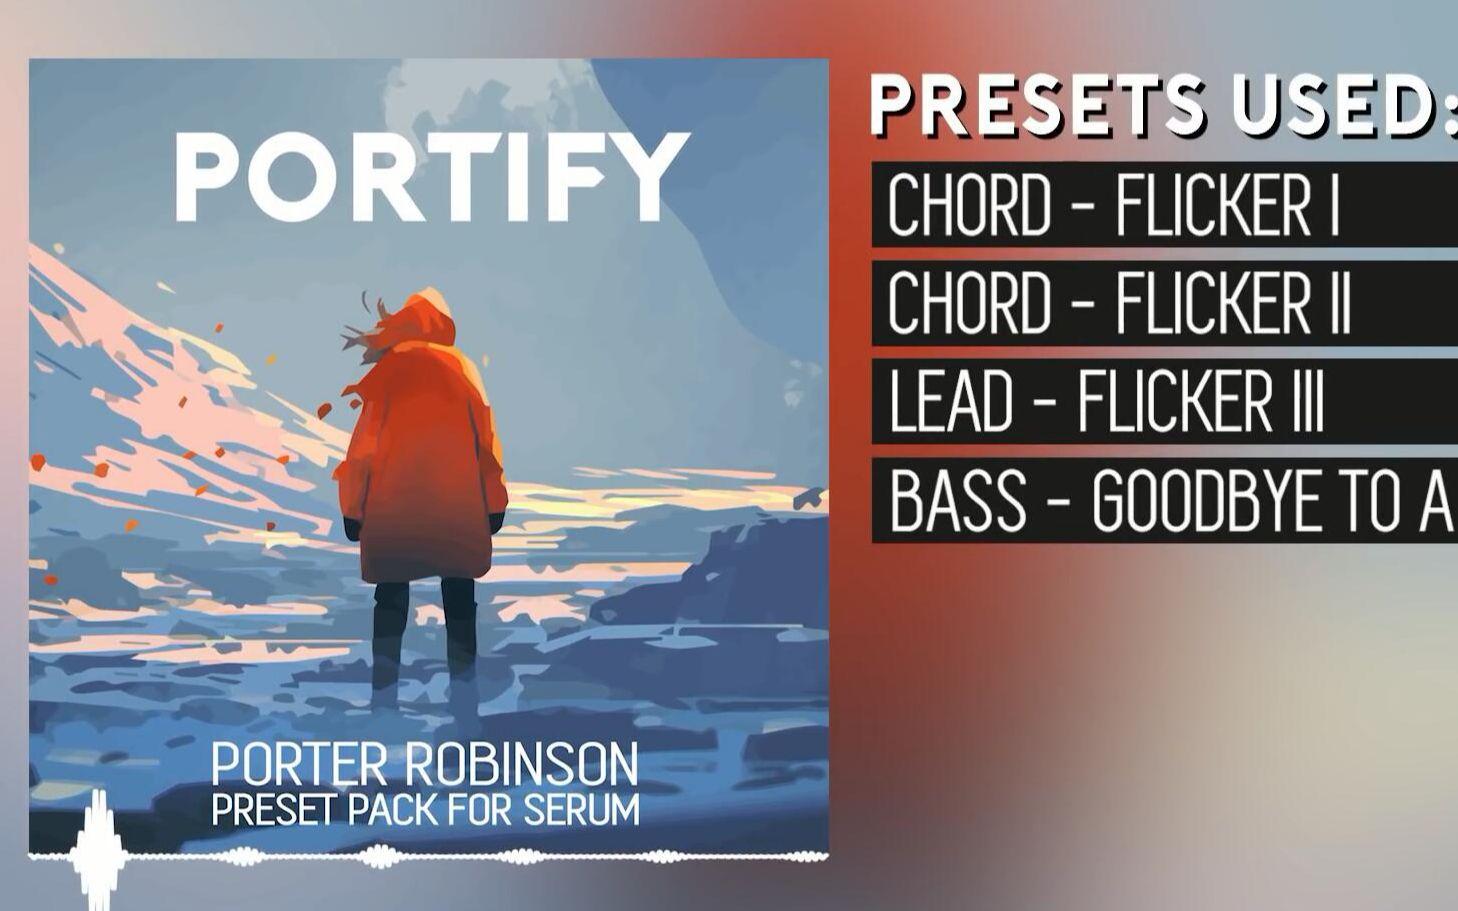 [团购采样包]PORTIFY - Porter Robinson Inspired Serum Preset Pack by  Oversampled_哔哩哔哩 (゜-゜)つロ 干杯~-bilibili